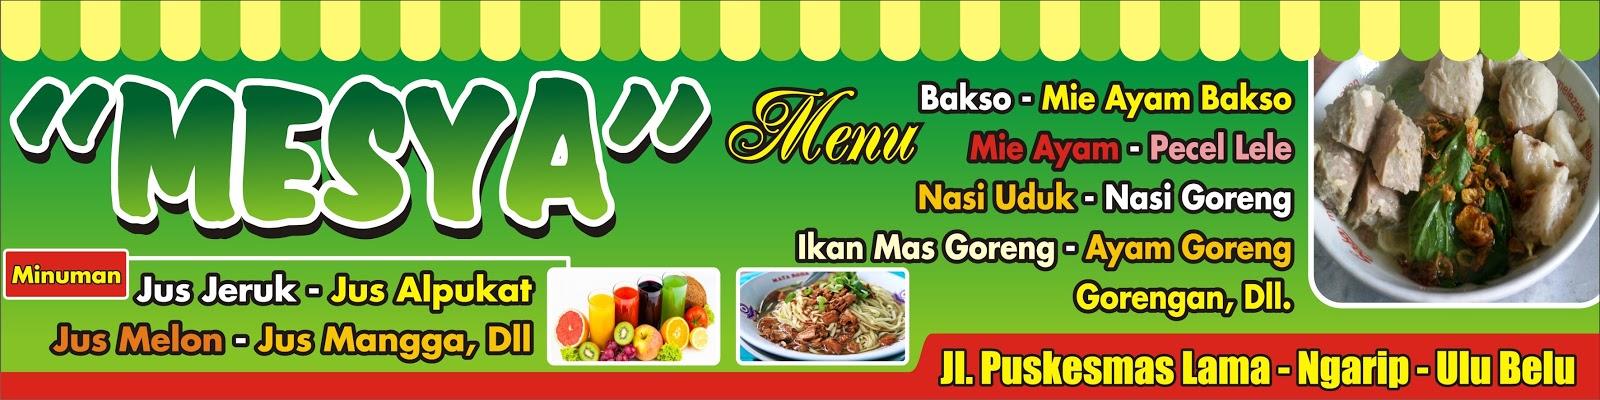 Gambar Desain Banner Warung Makan Sapawarga